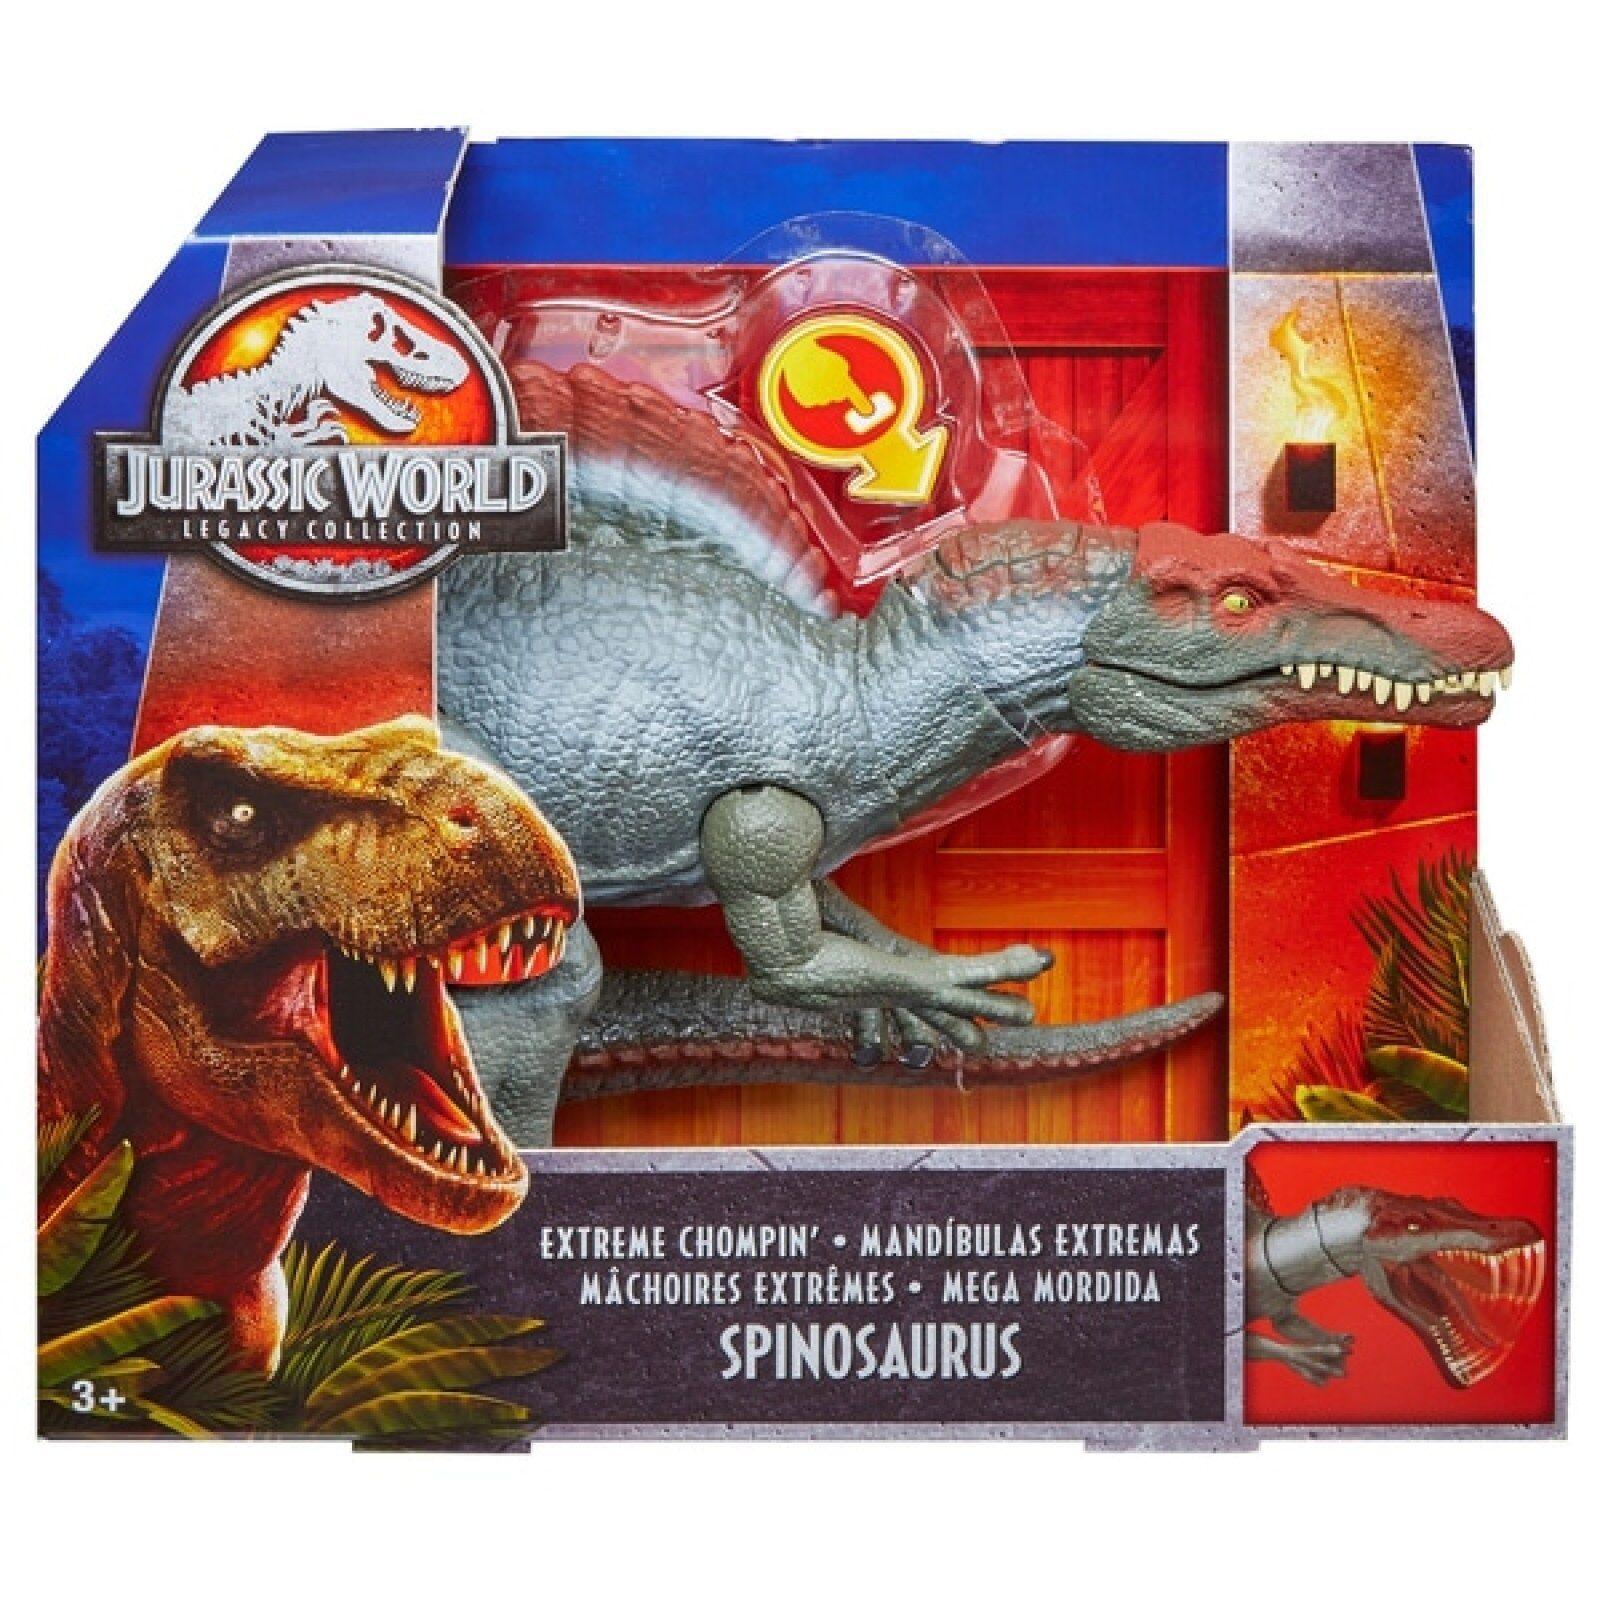 Jurassic park iii der welt spinosaurus actionfigur kinder spielzeug zahlen - sammlung